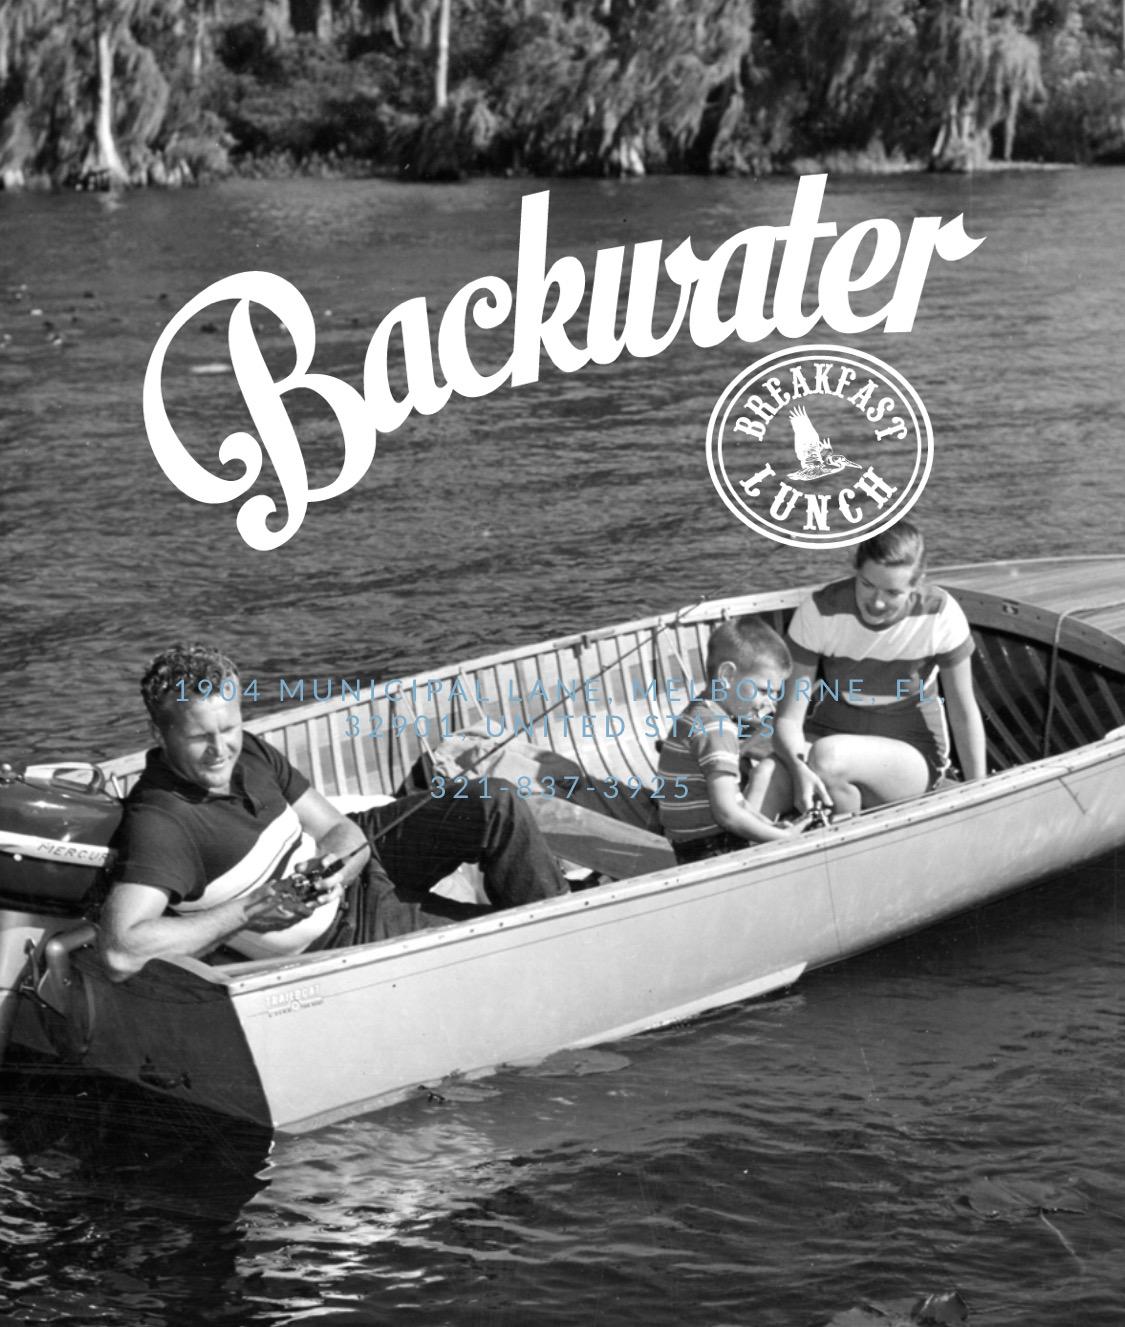 Backwater Breakfast & Lunch